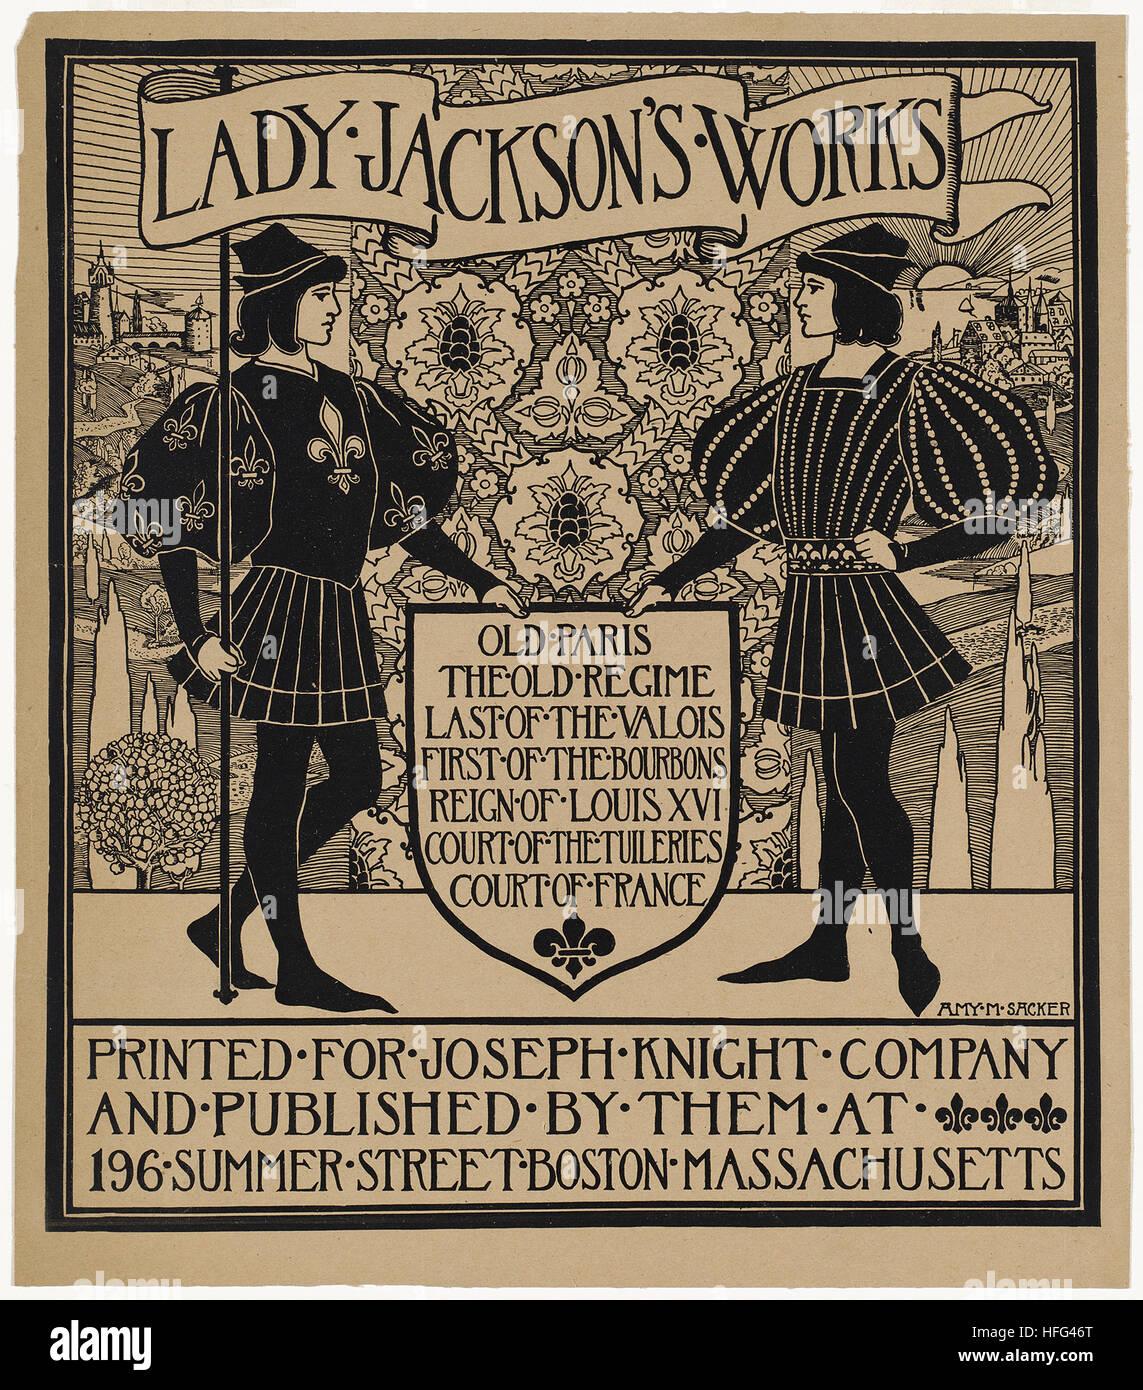 Lady Jackson's works - Stock Image